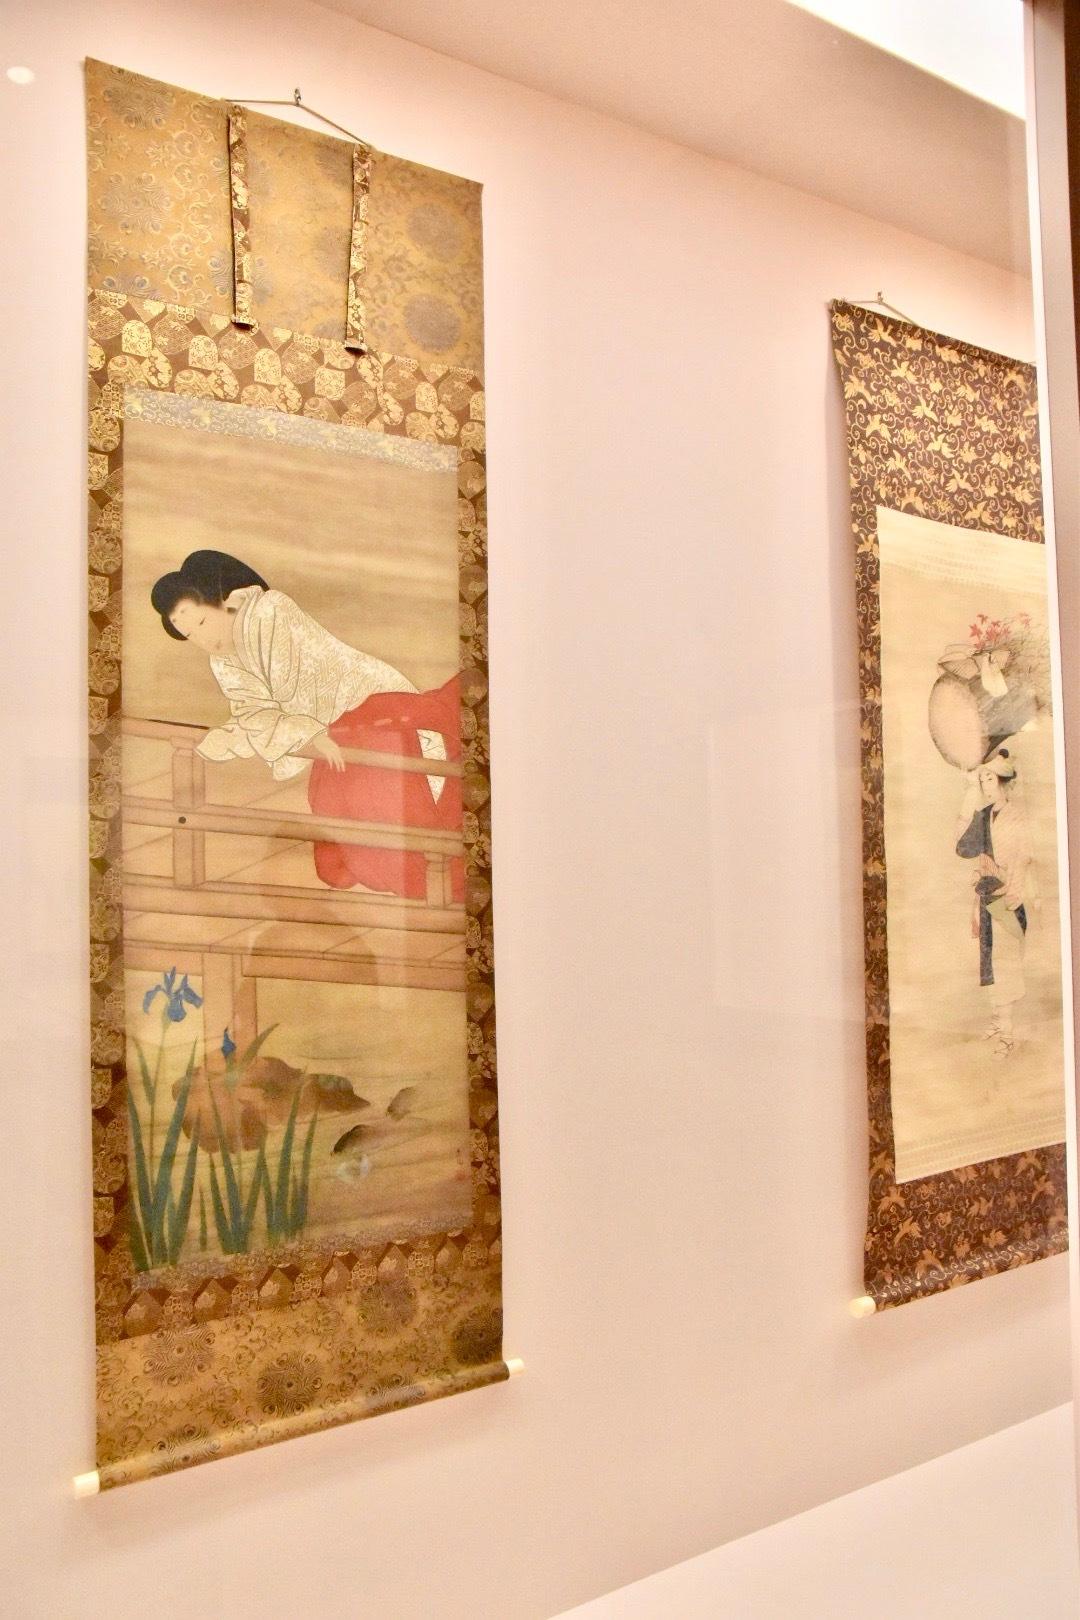 左:山口素絢 《女官図(緋大腰袴着用)》 江戸時代後期 奈良県立美術館蔵 東京展:前期展示